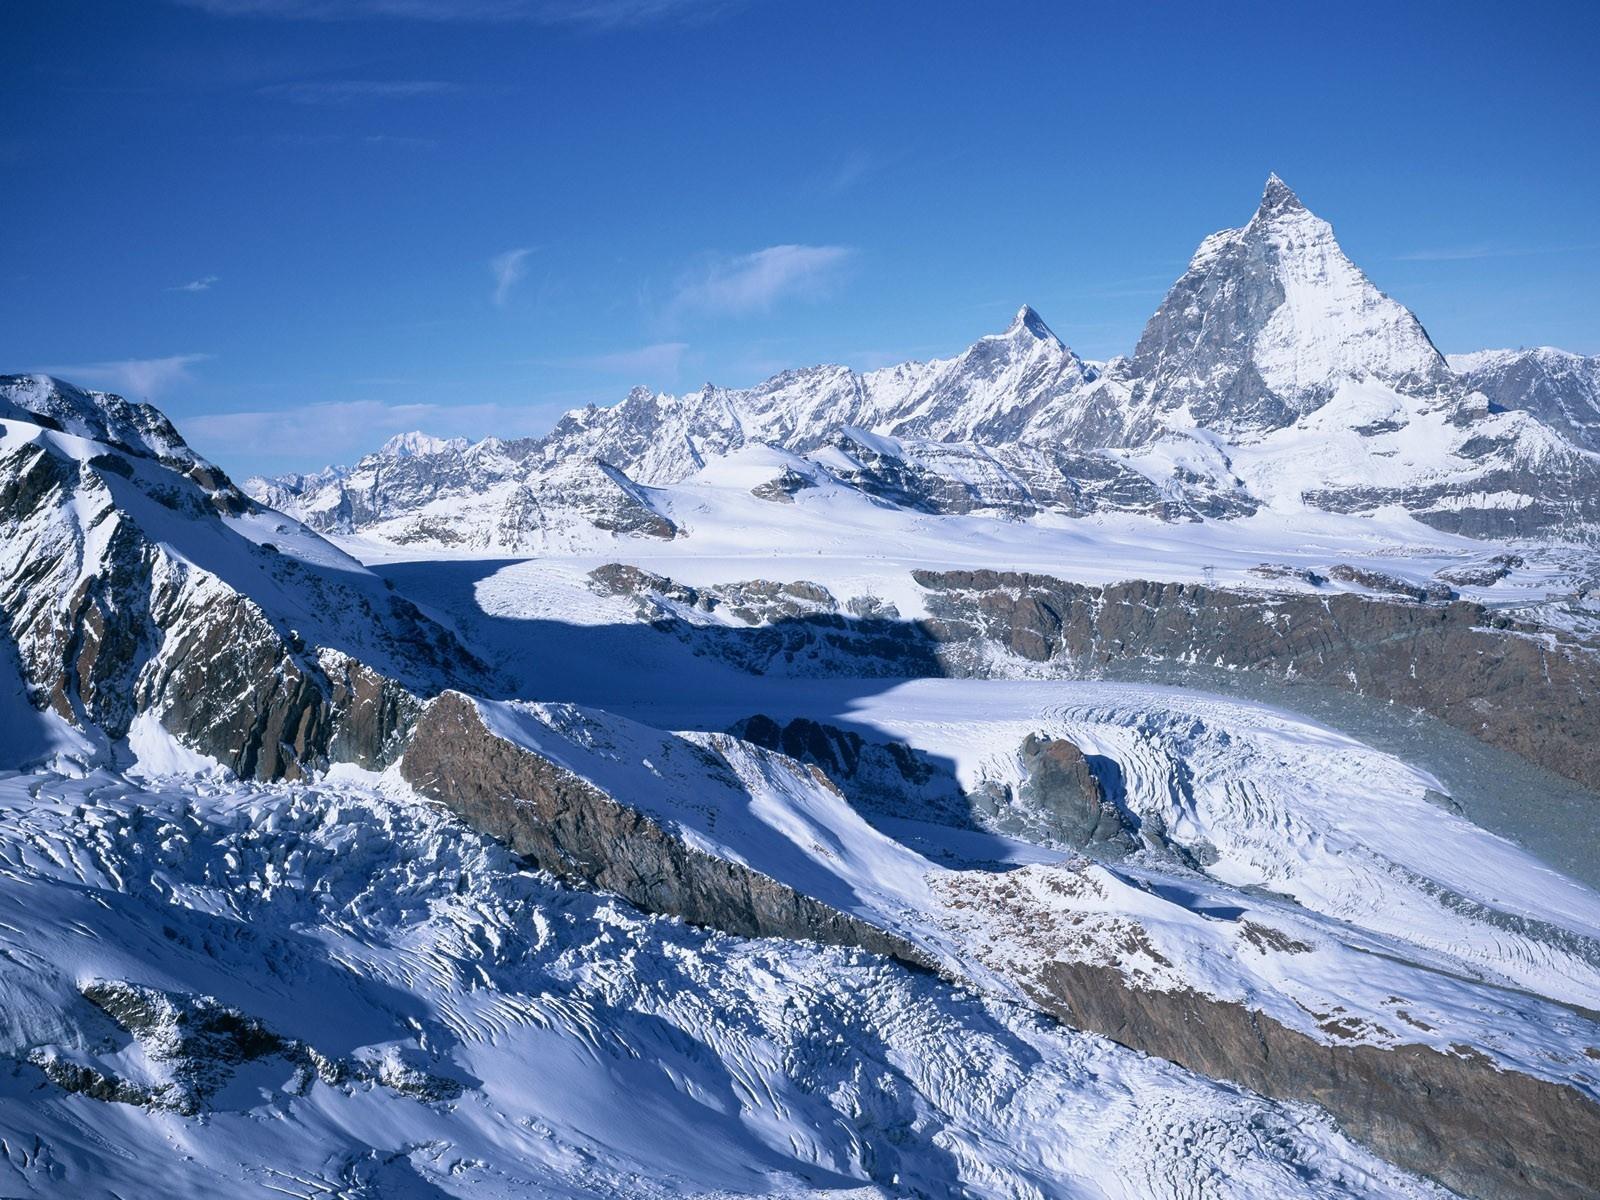 картинка снежные горы россии секрет, что